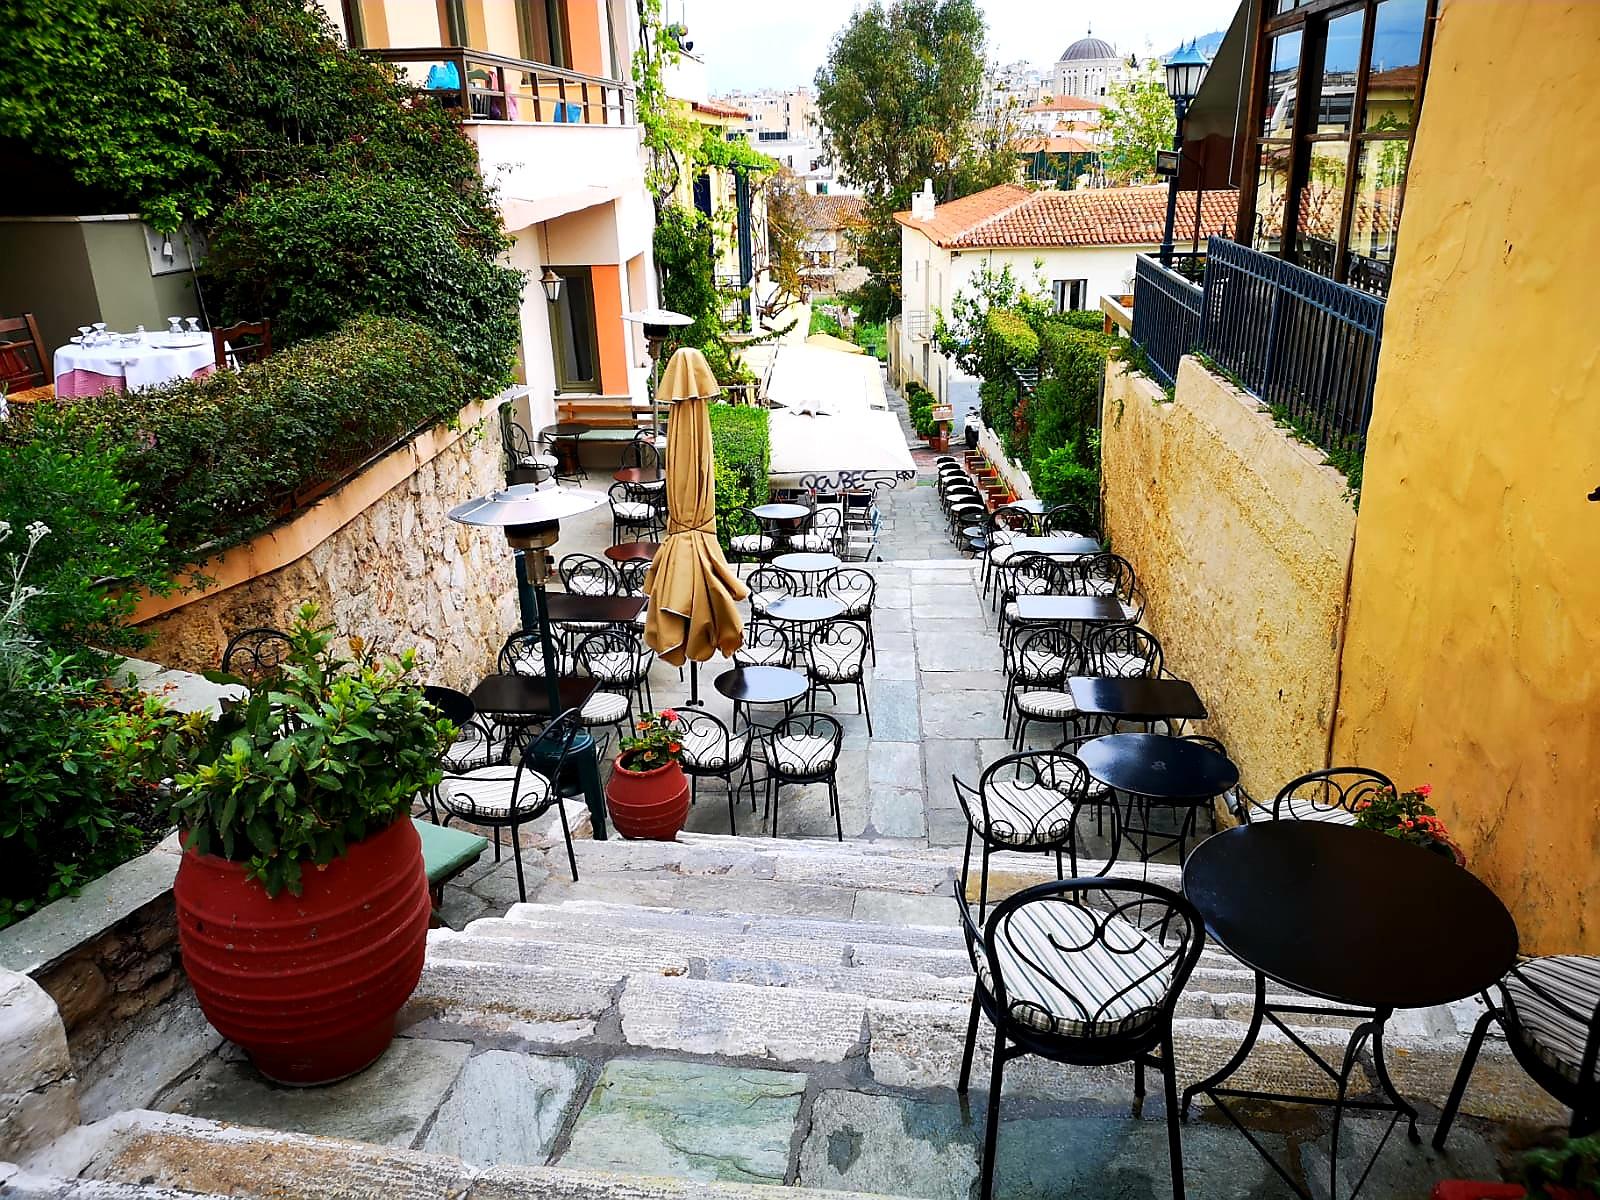 Anafiotika weekend in Athens